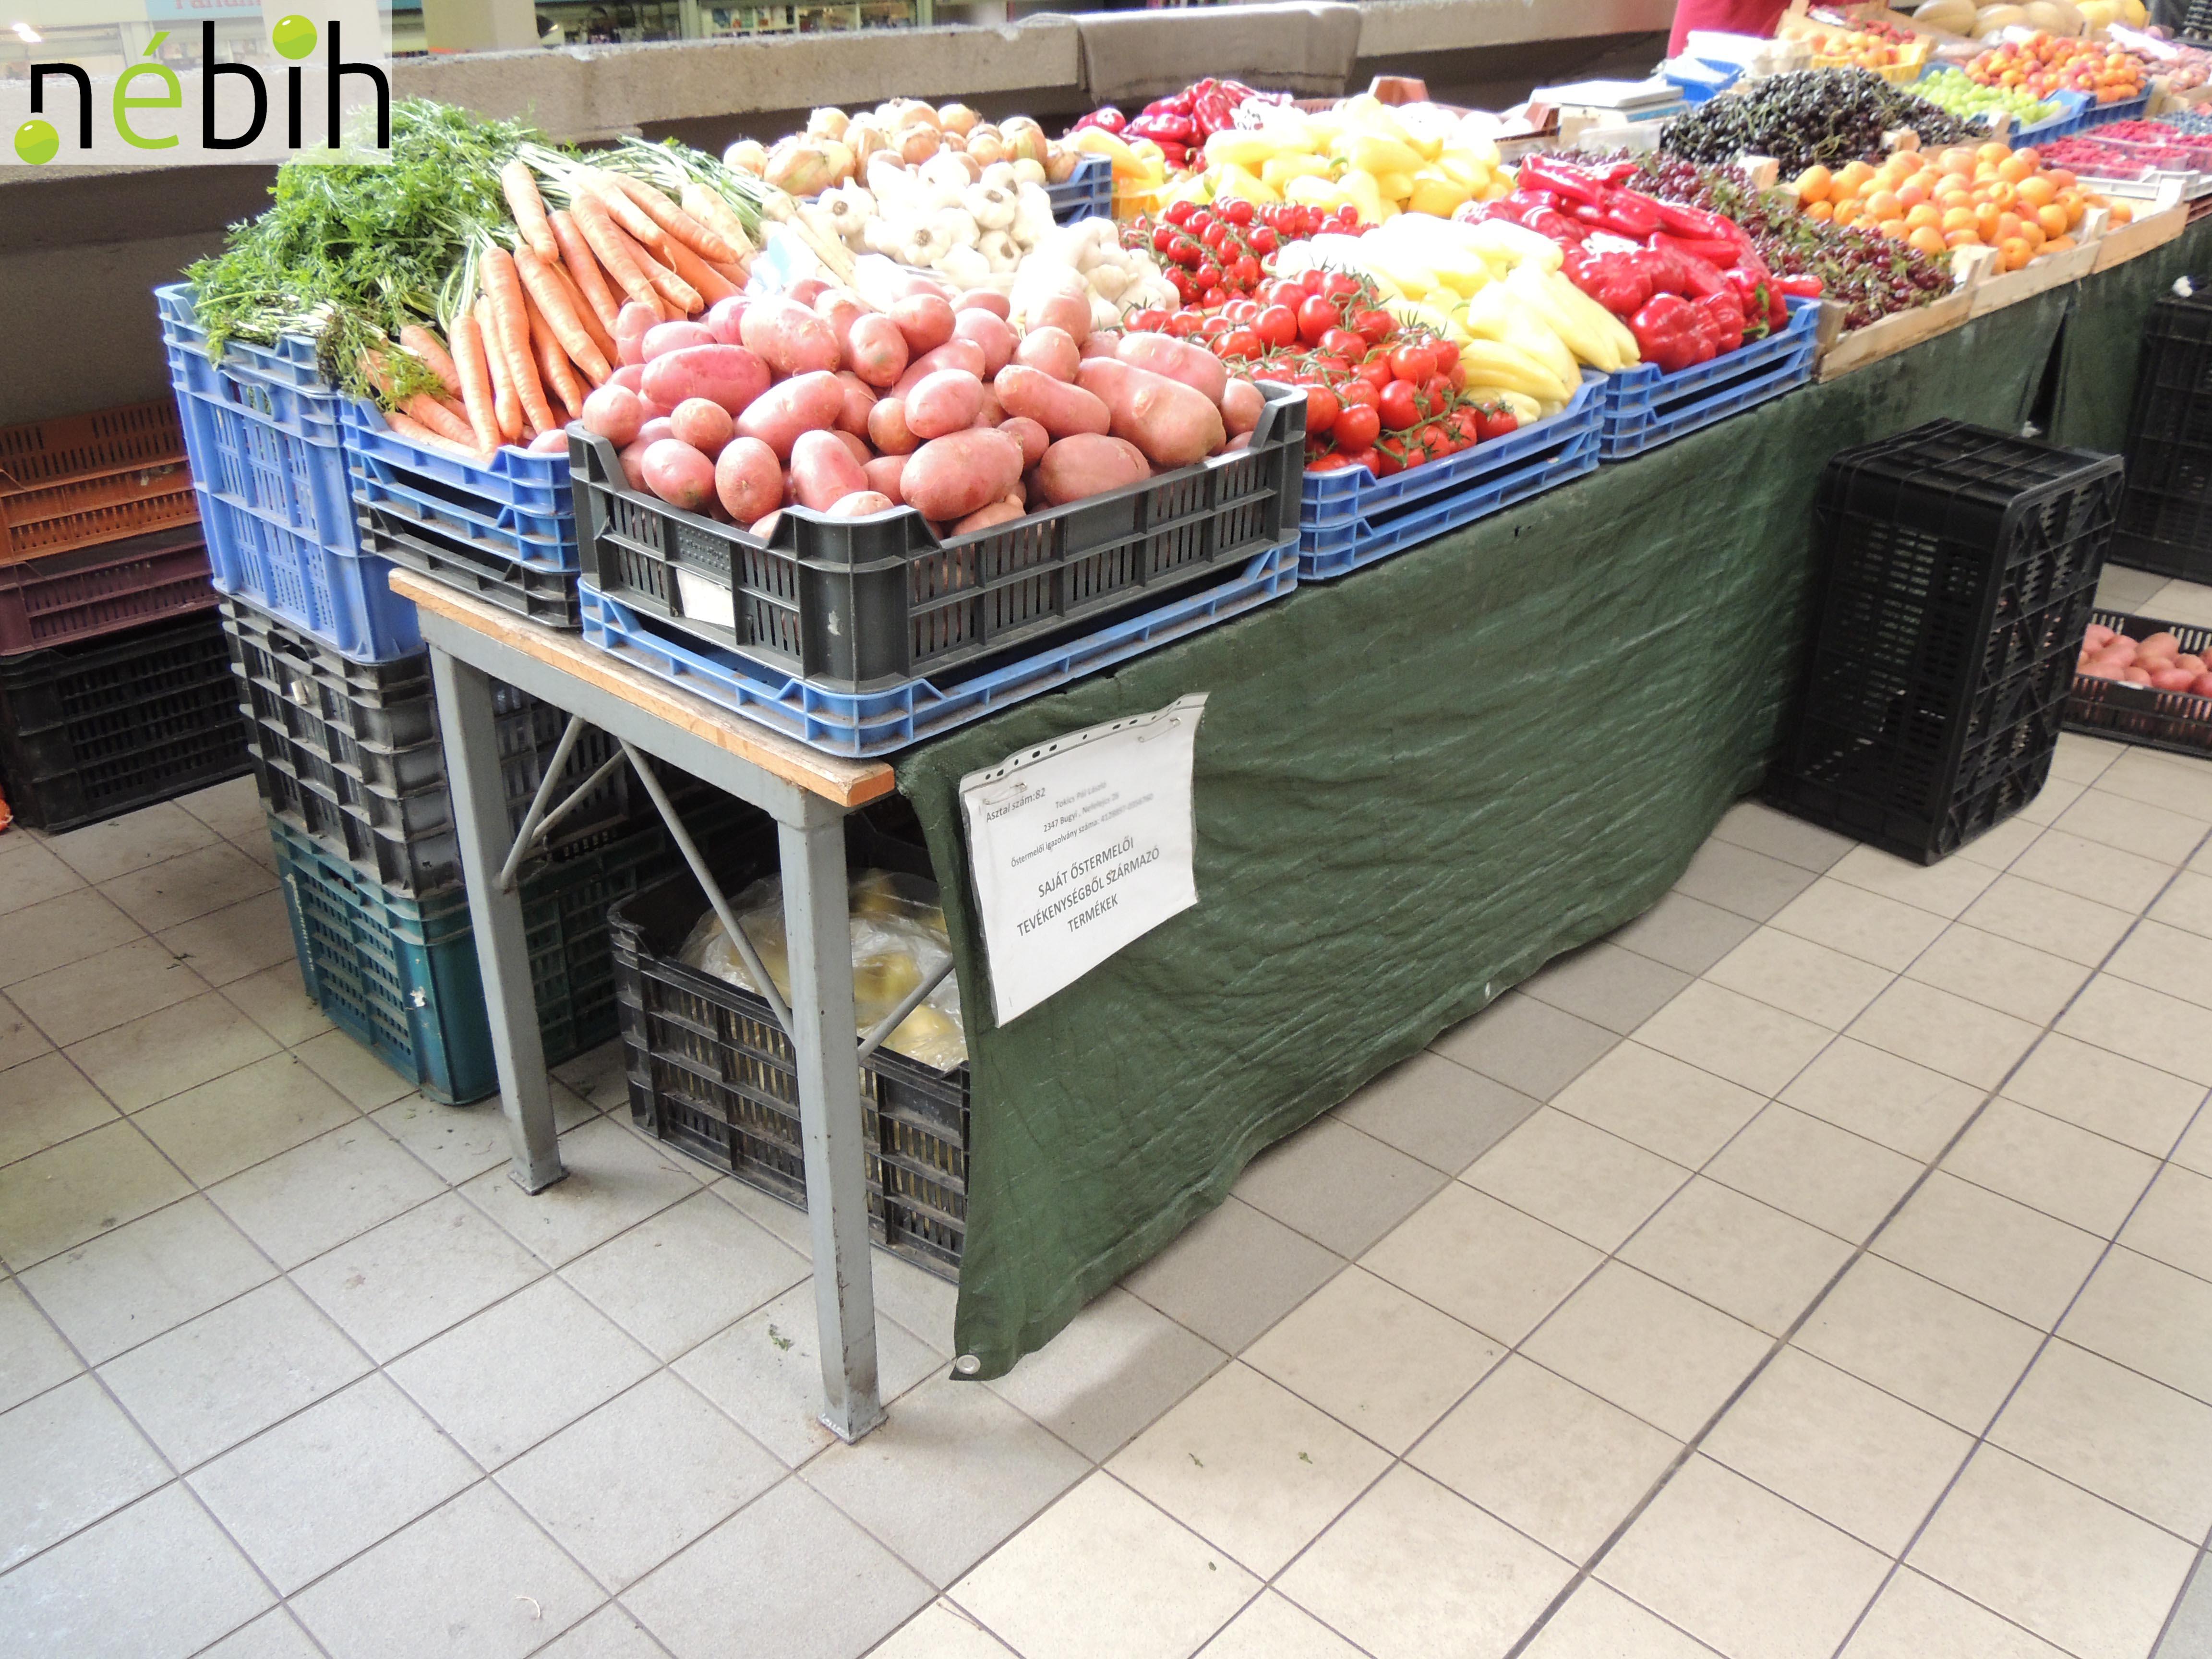 ca1c1fd51615 71 esetben indított hatósági eljárást a Nébih a fővárosi piacok ...